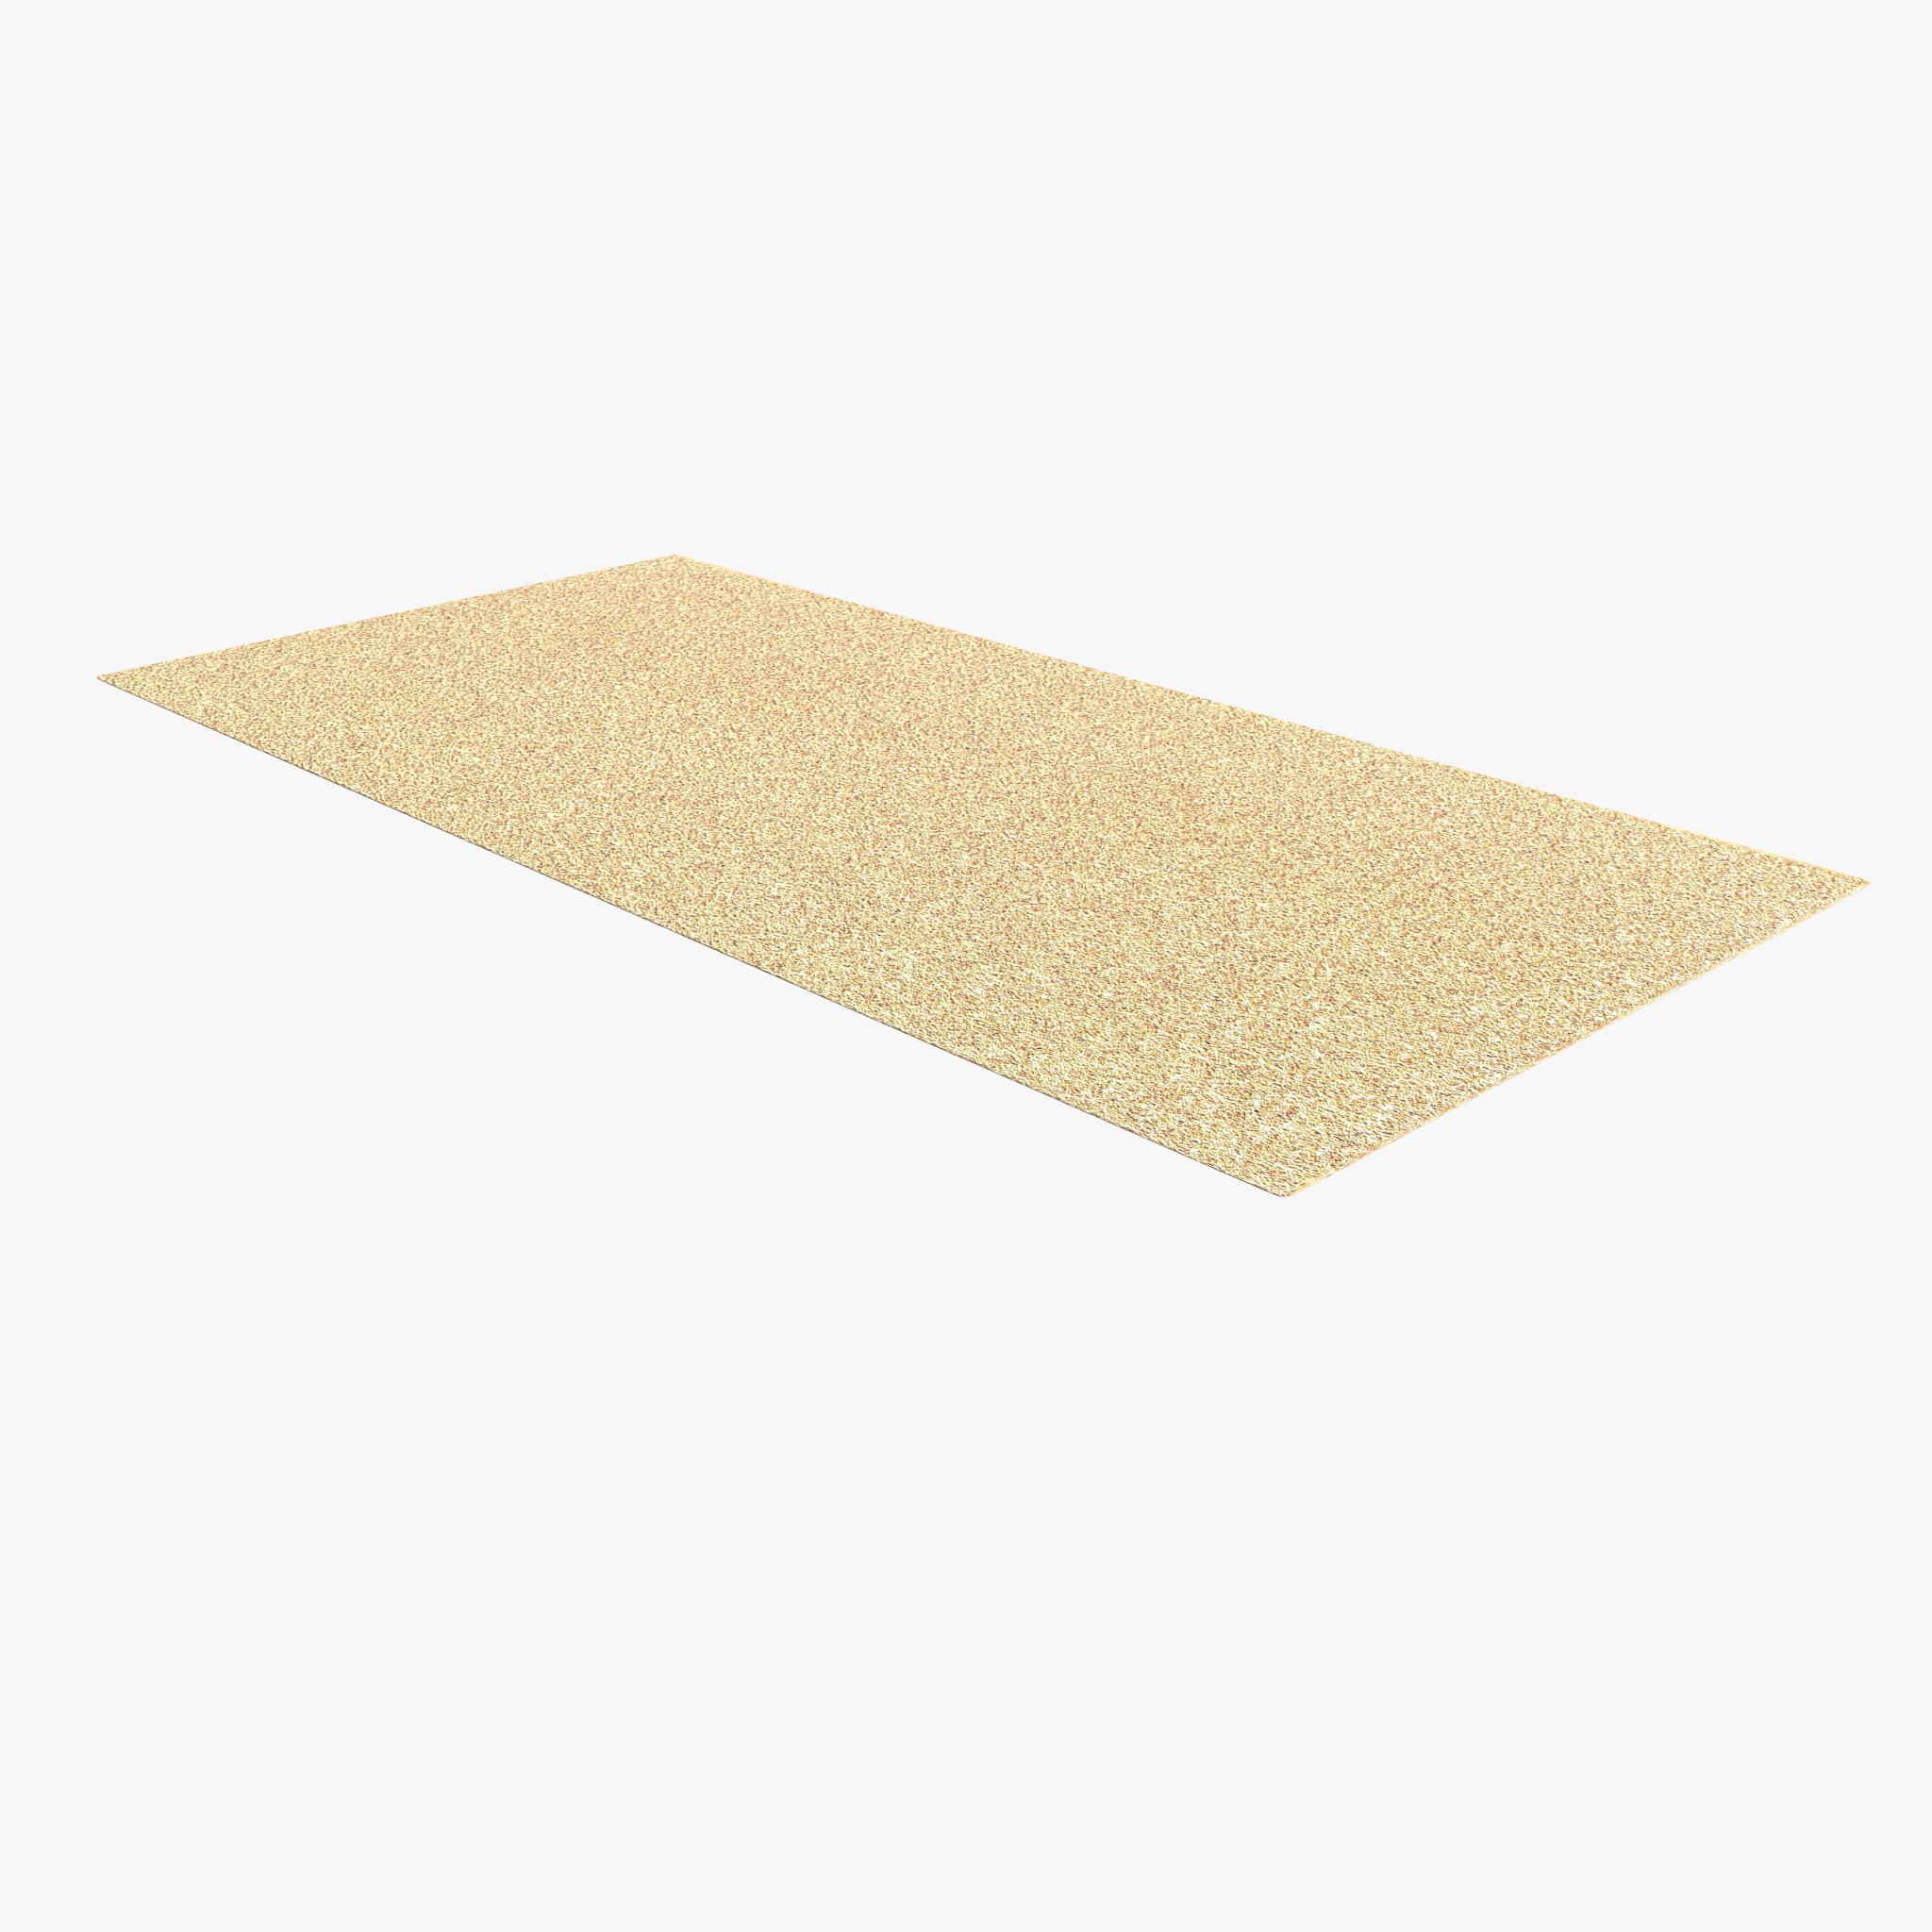 3d model sandpaper